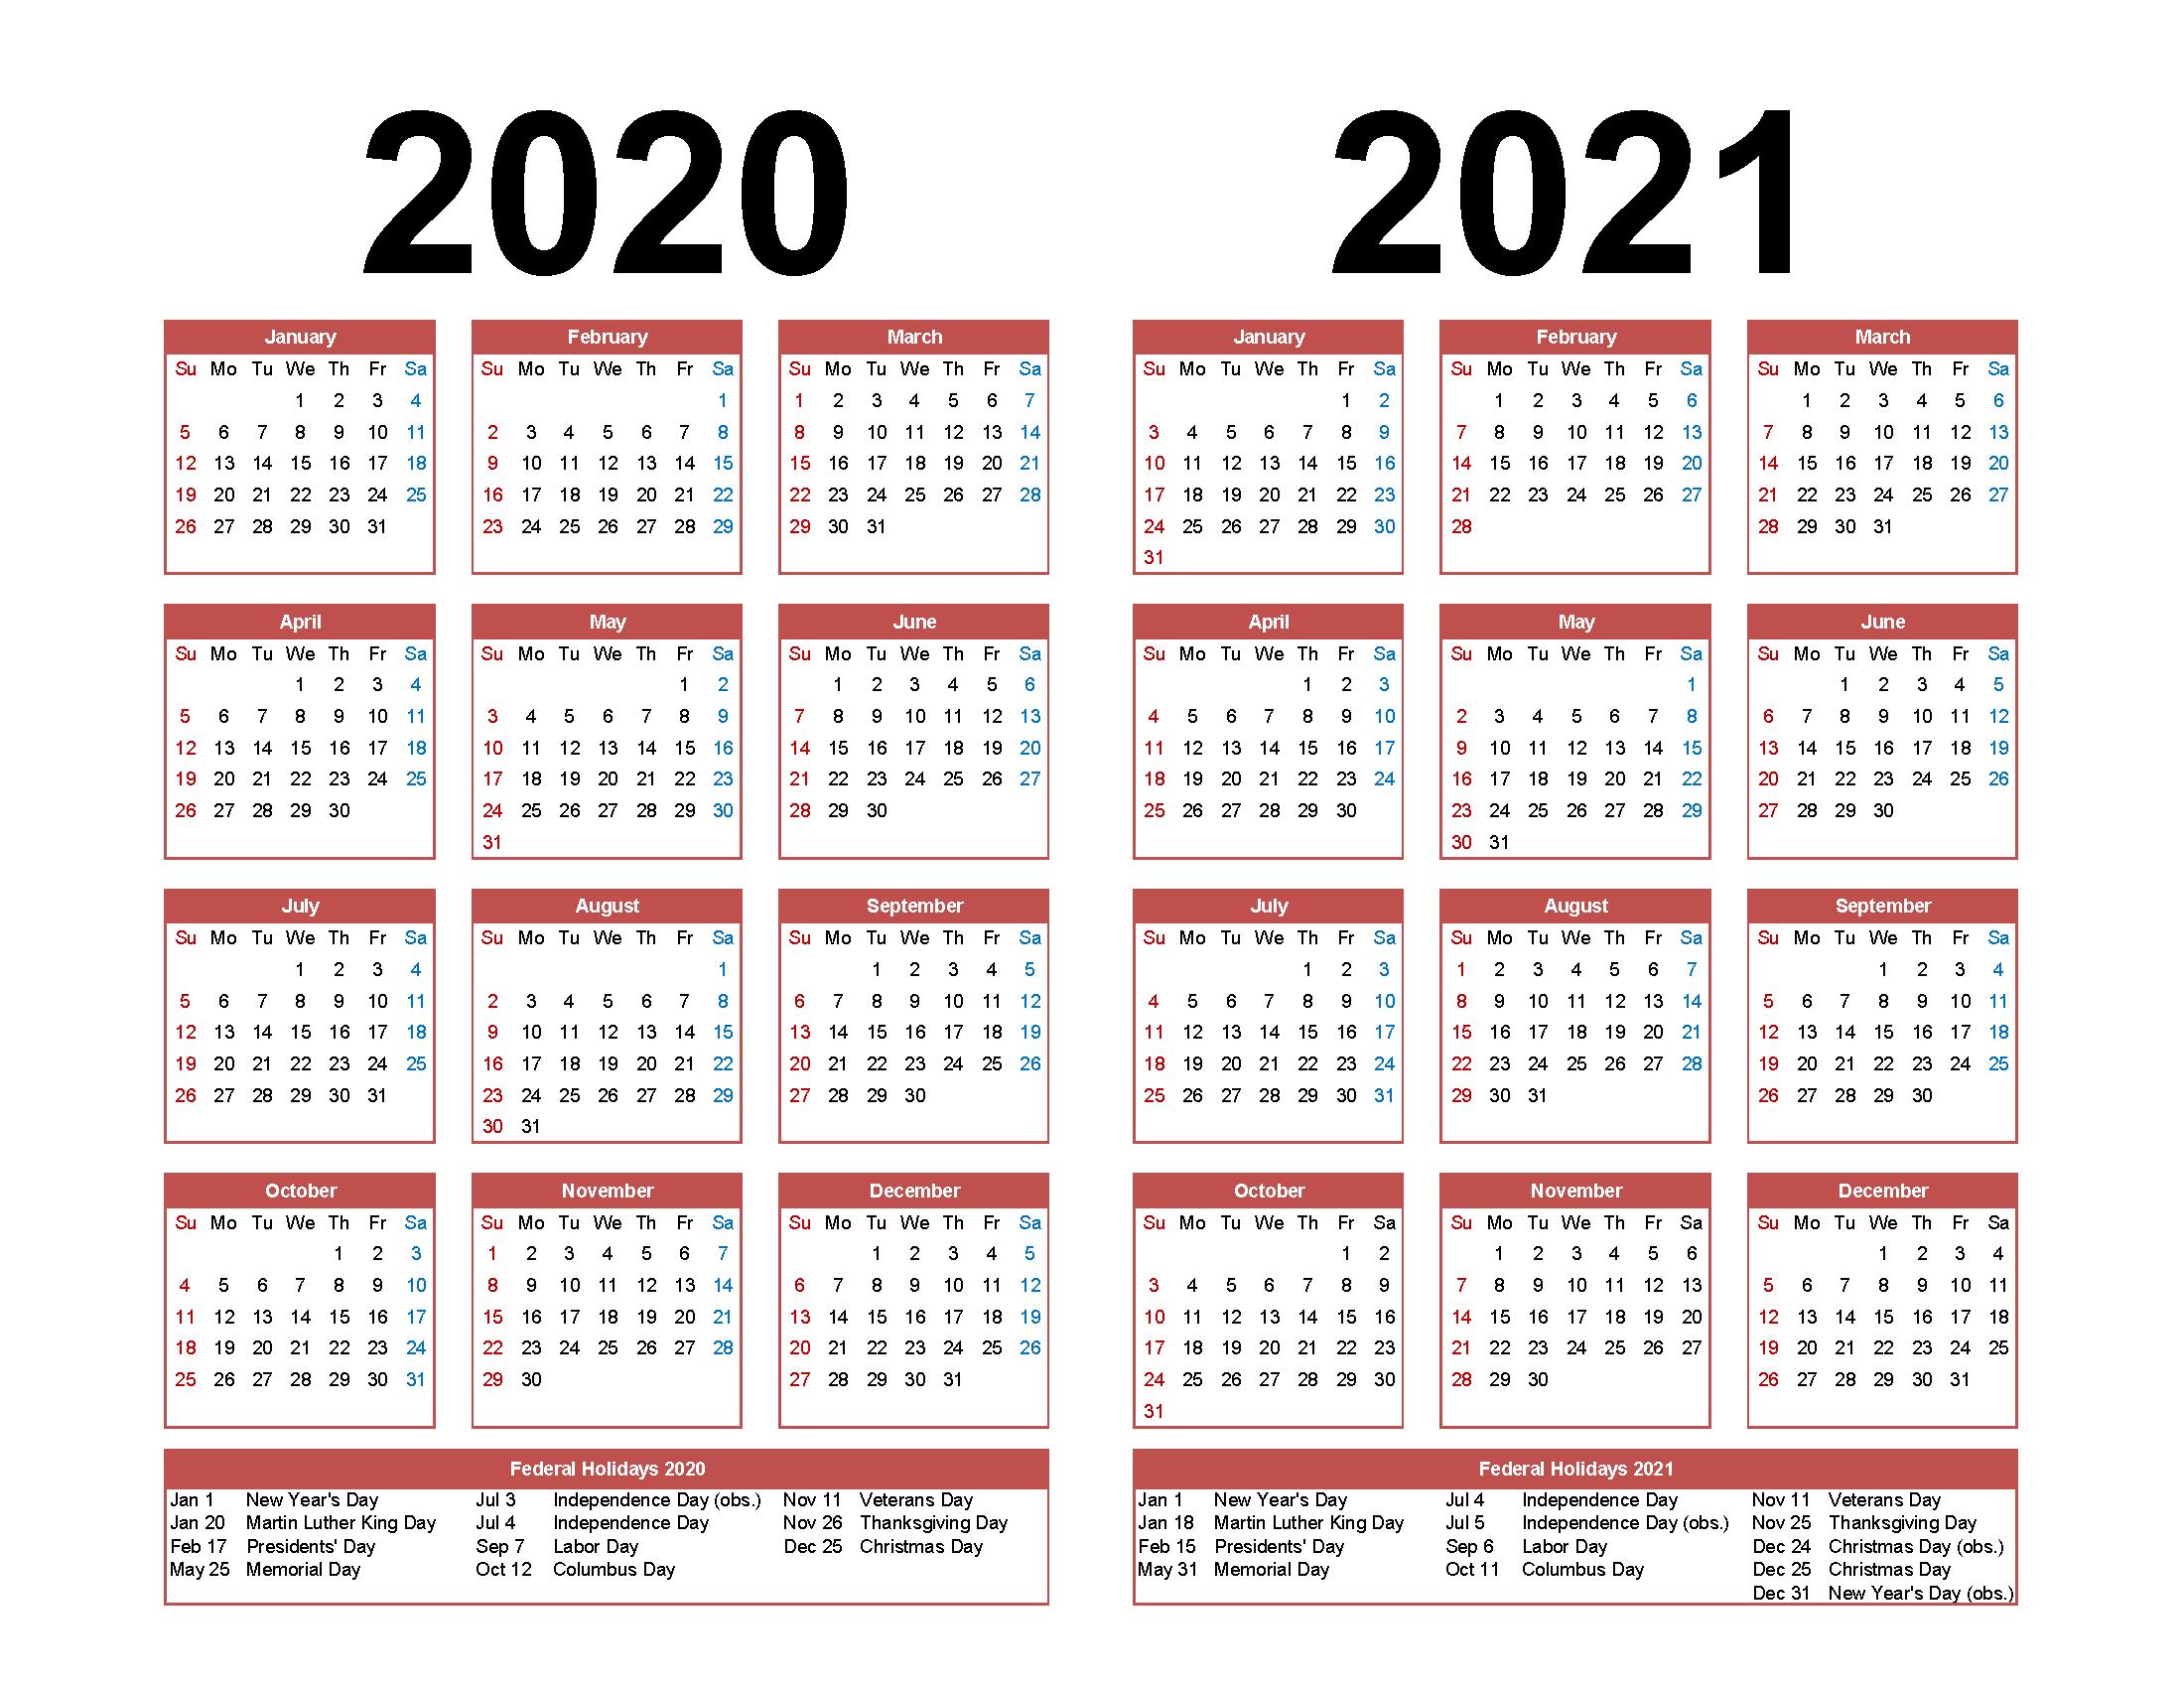 Two Year Calendar 2020 2021 - Calendar Printable Free throughout Wizard Calendar 2021